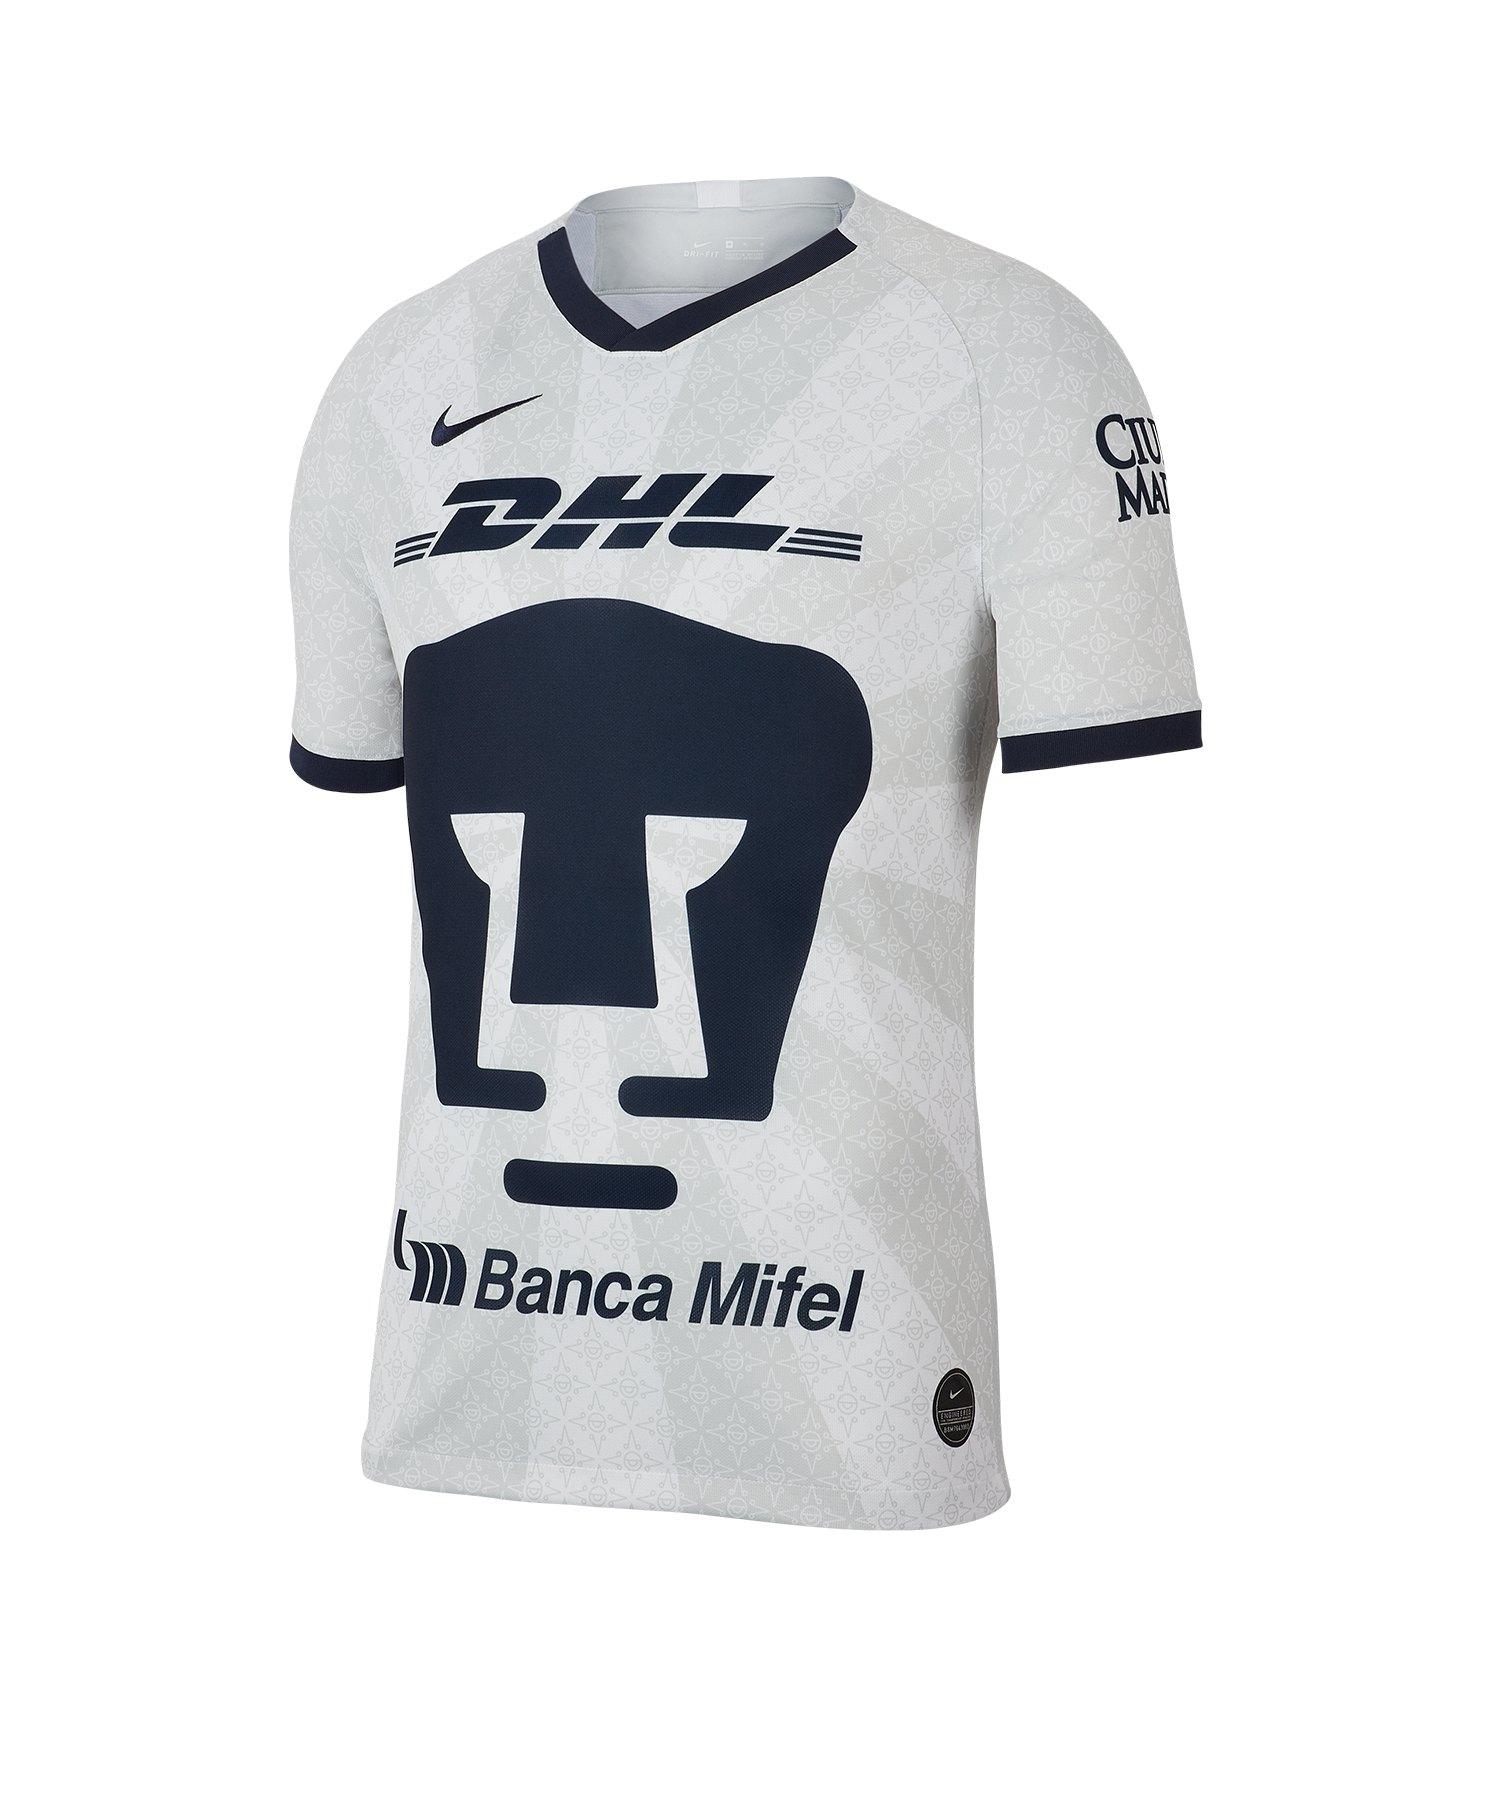 Nike UNAM Pumas Trikot Home 19/20 F103 -